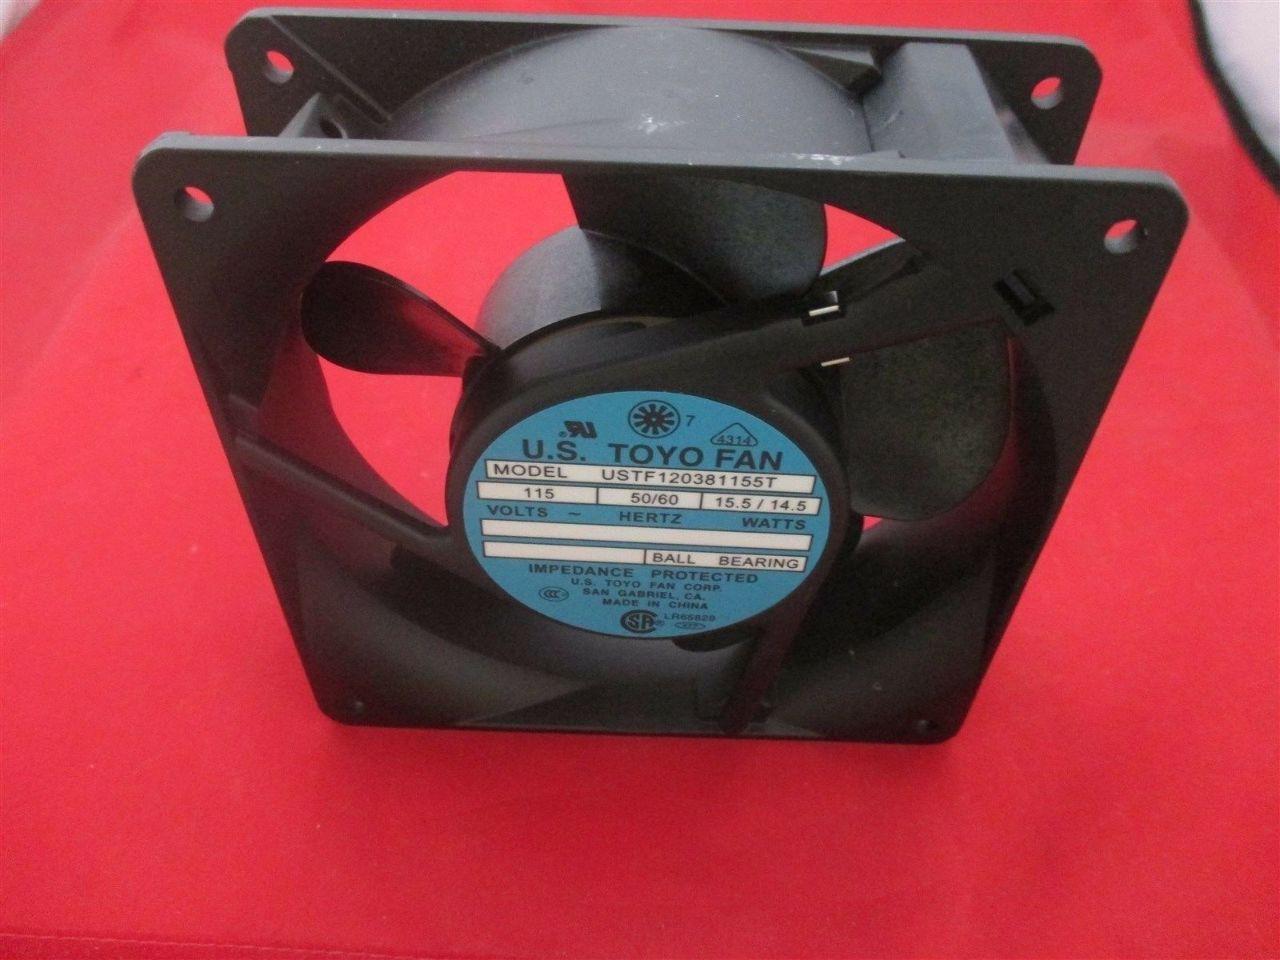 U.S Toyo Fan USTF120381155T